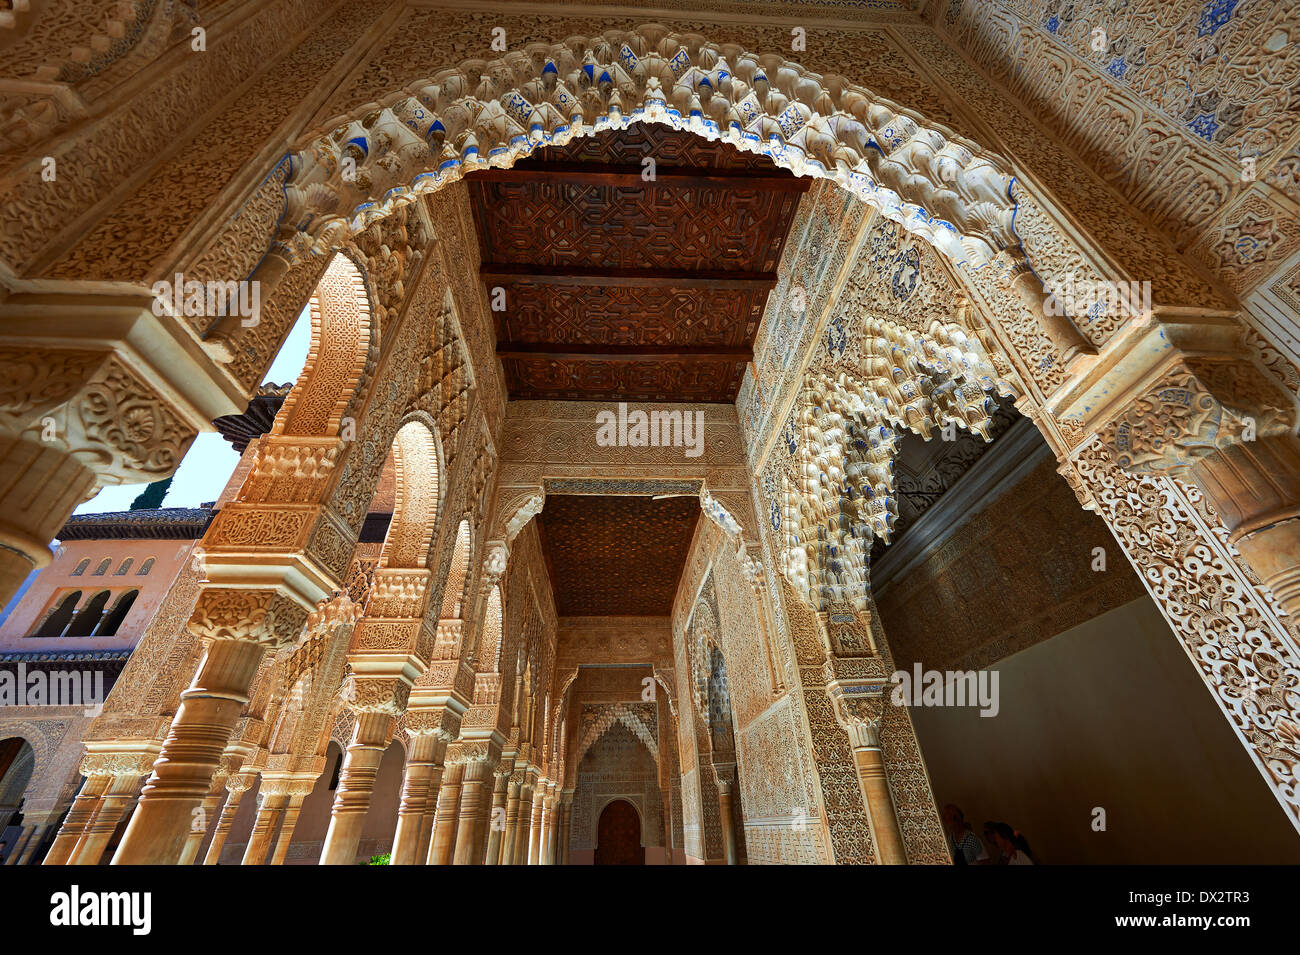 Arabesque architettura moresca del Patio de Los Leones (Corte dei leoni) i Palacios Nazaries, Alhambra. Granada, Spagna Immagini Stock